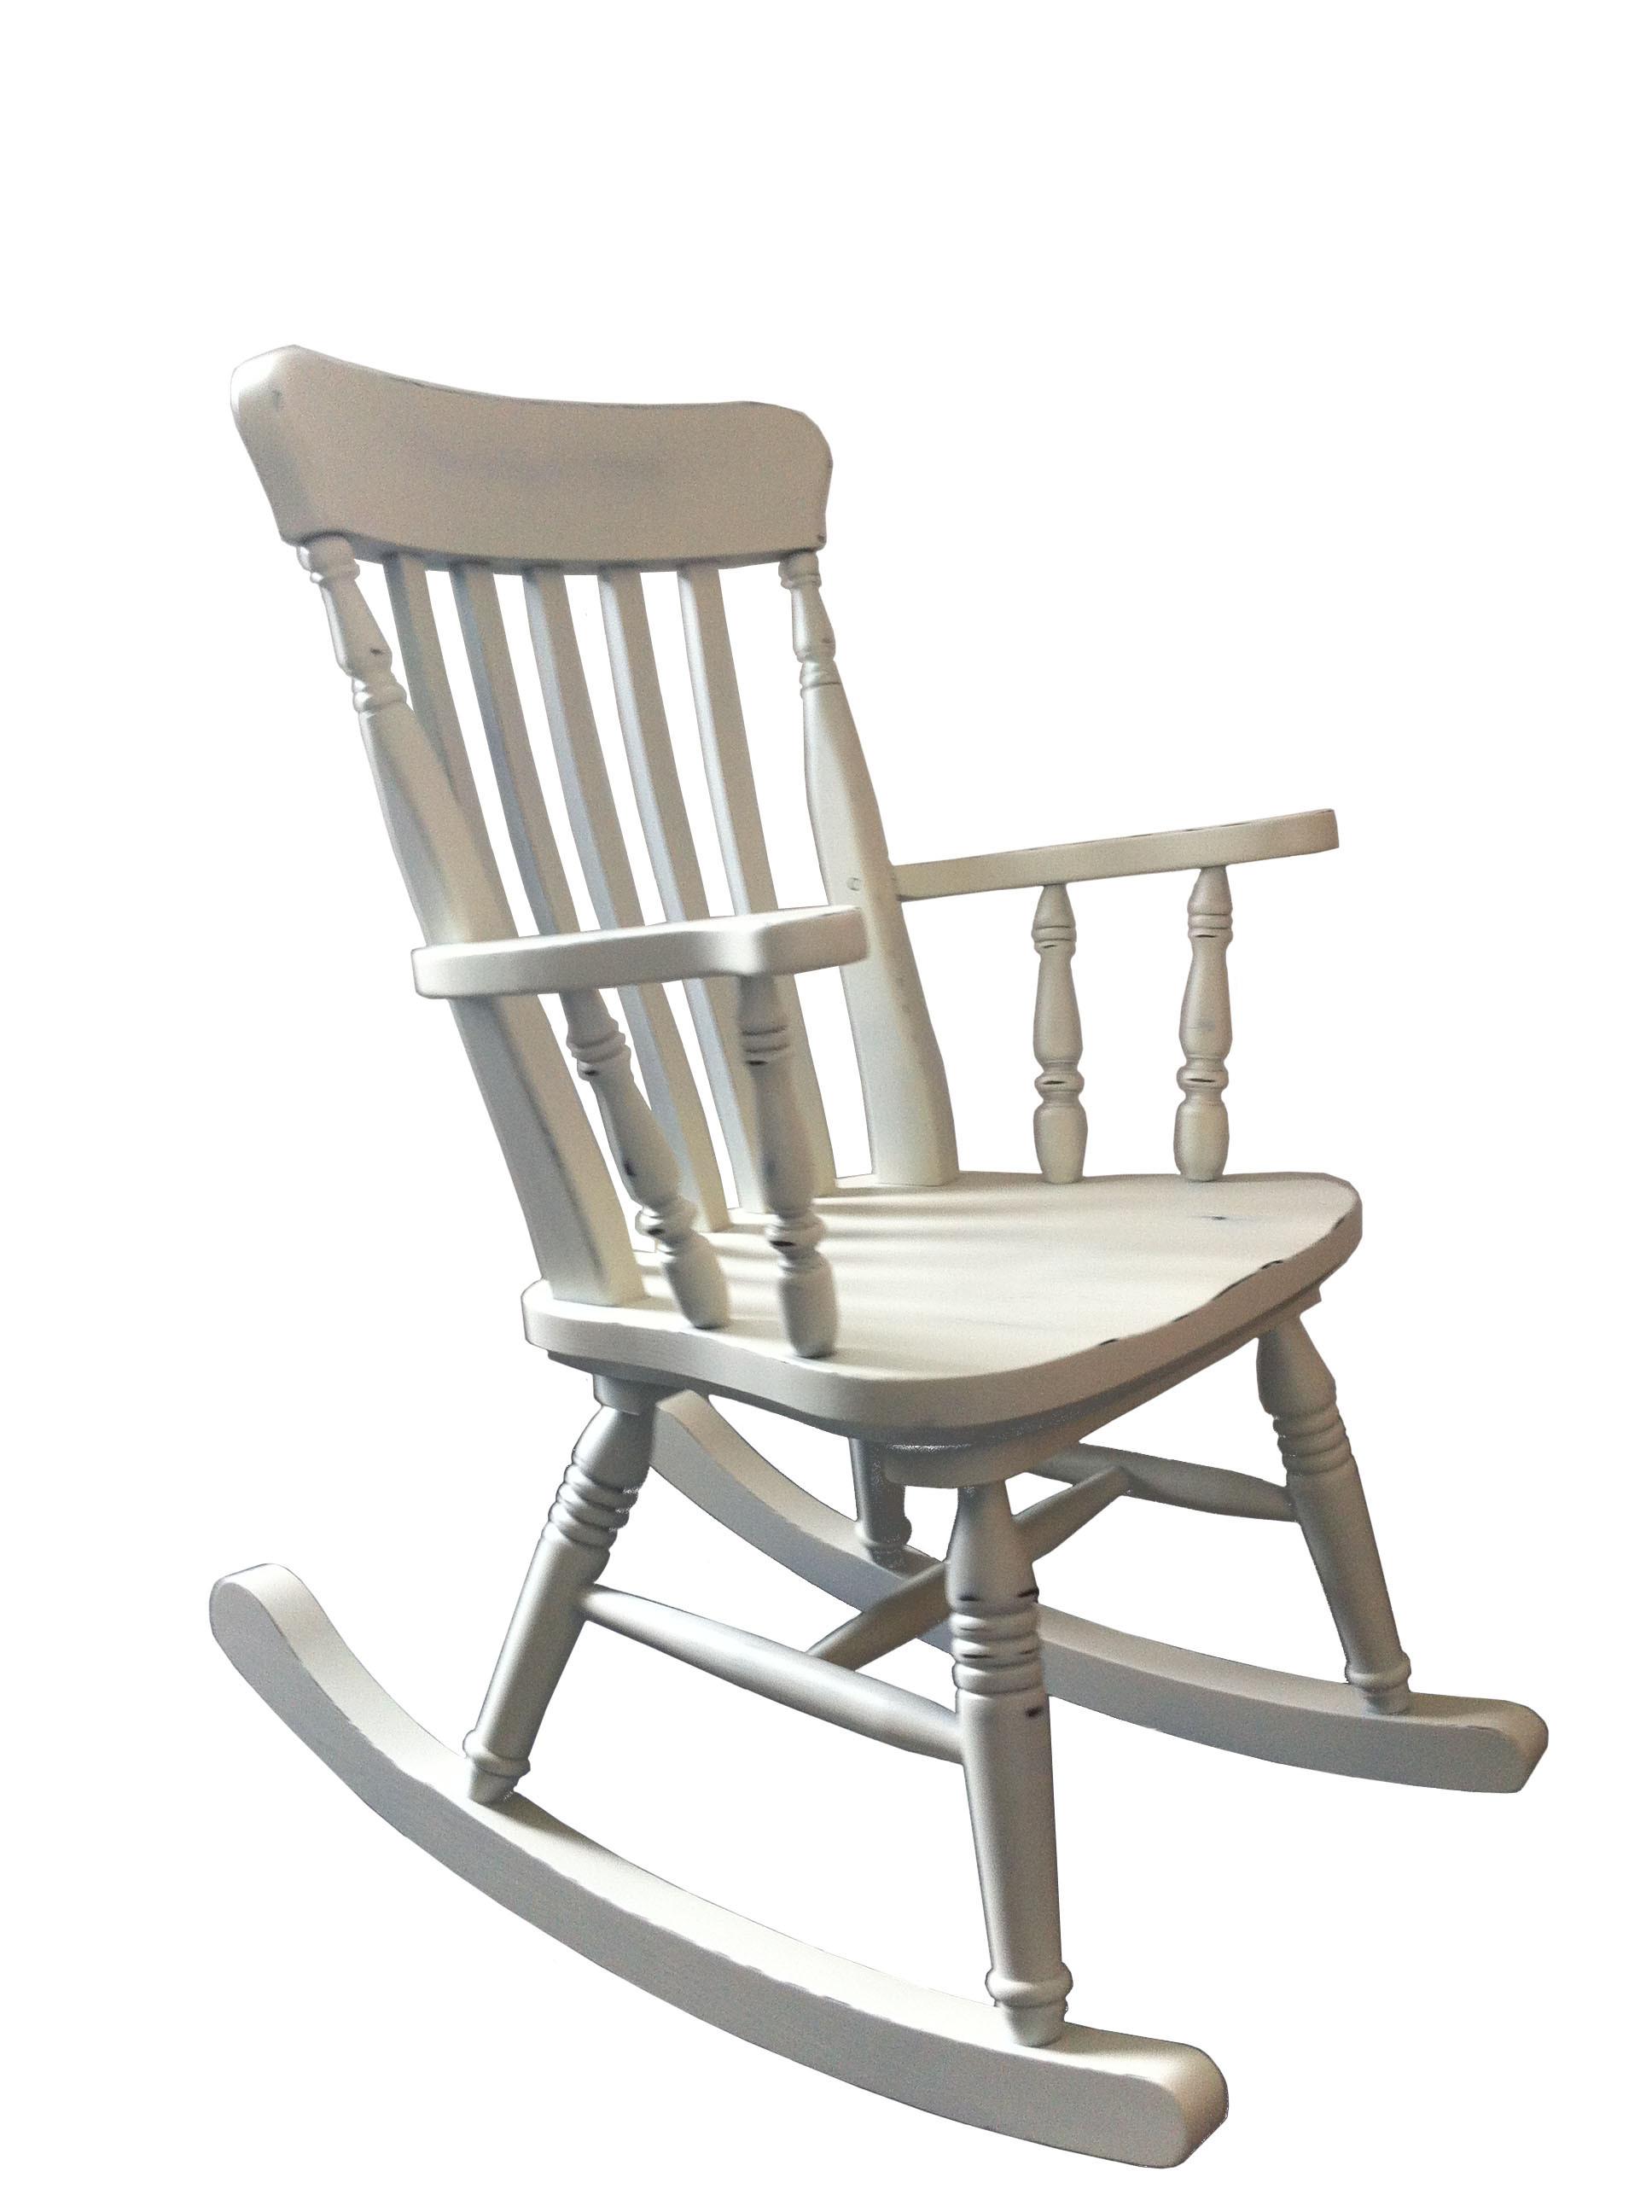 Sedia a dondolo rustica in legno rustico country cucina ristorante comunit bar mobilclick - Sedia a dondolo design ...